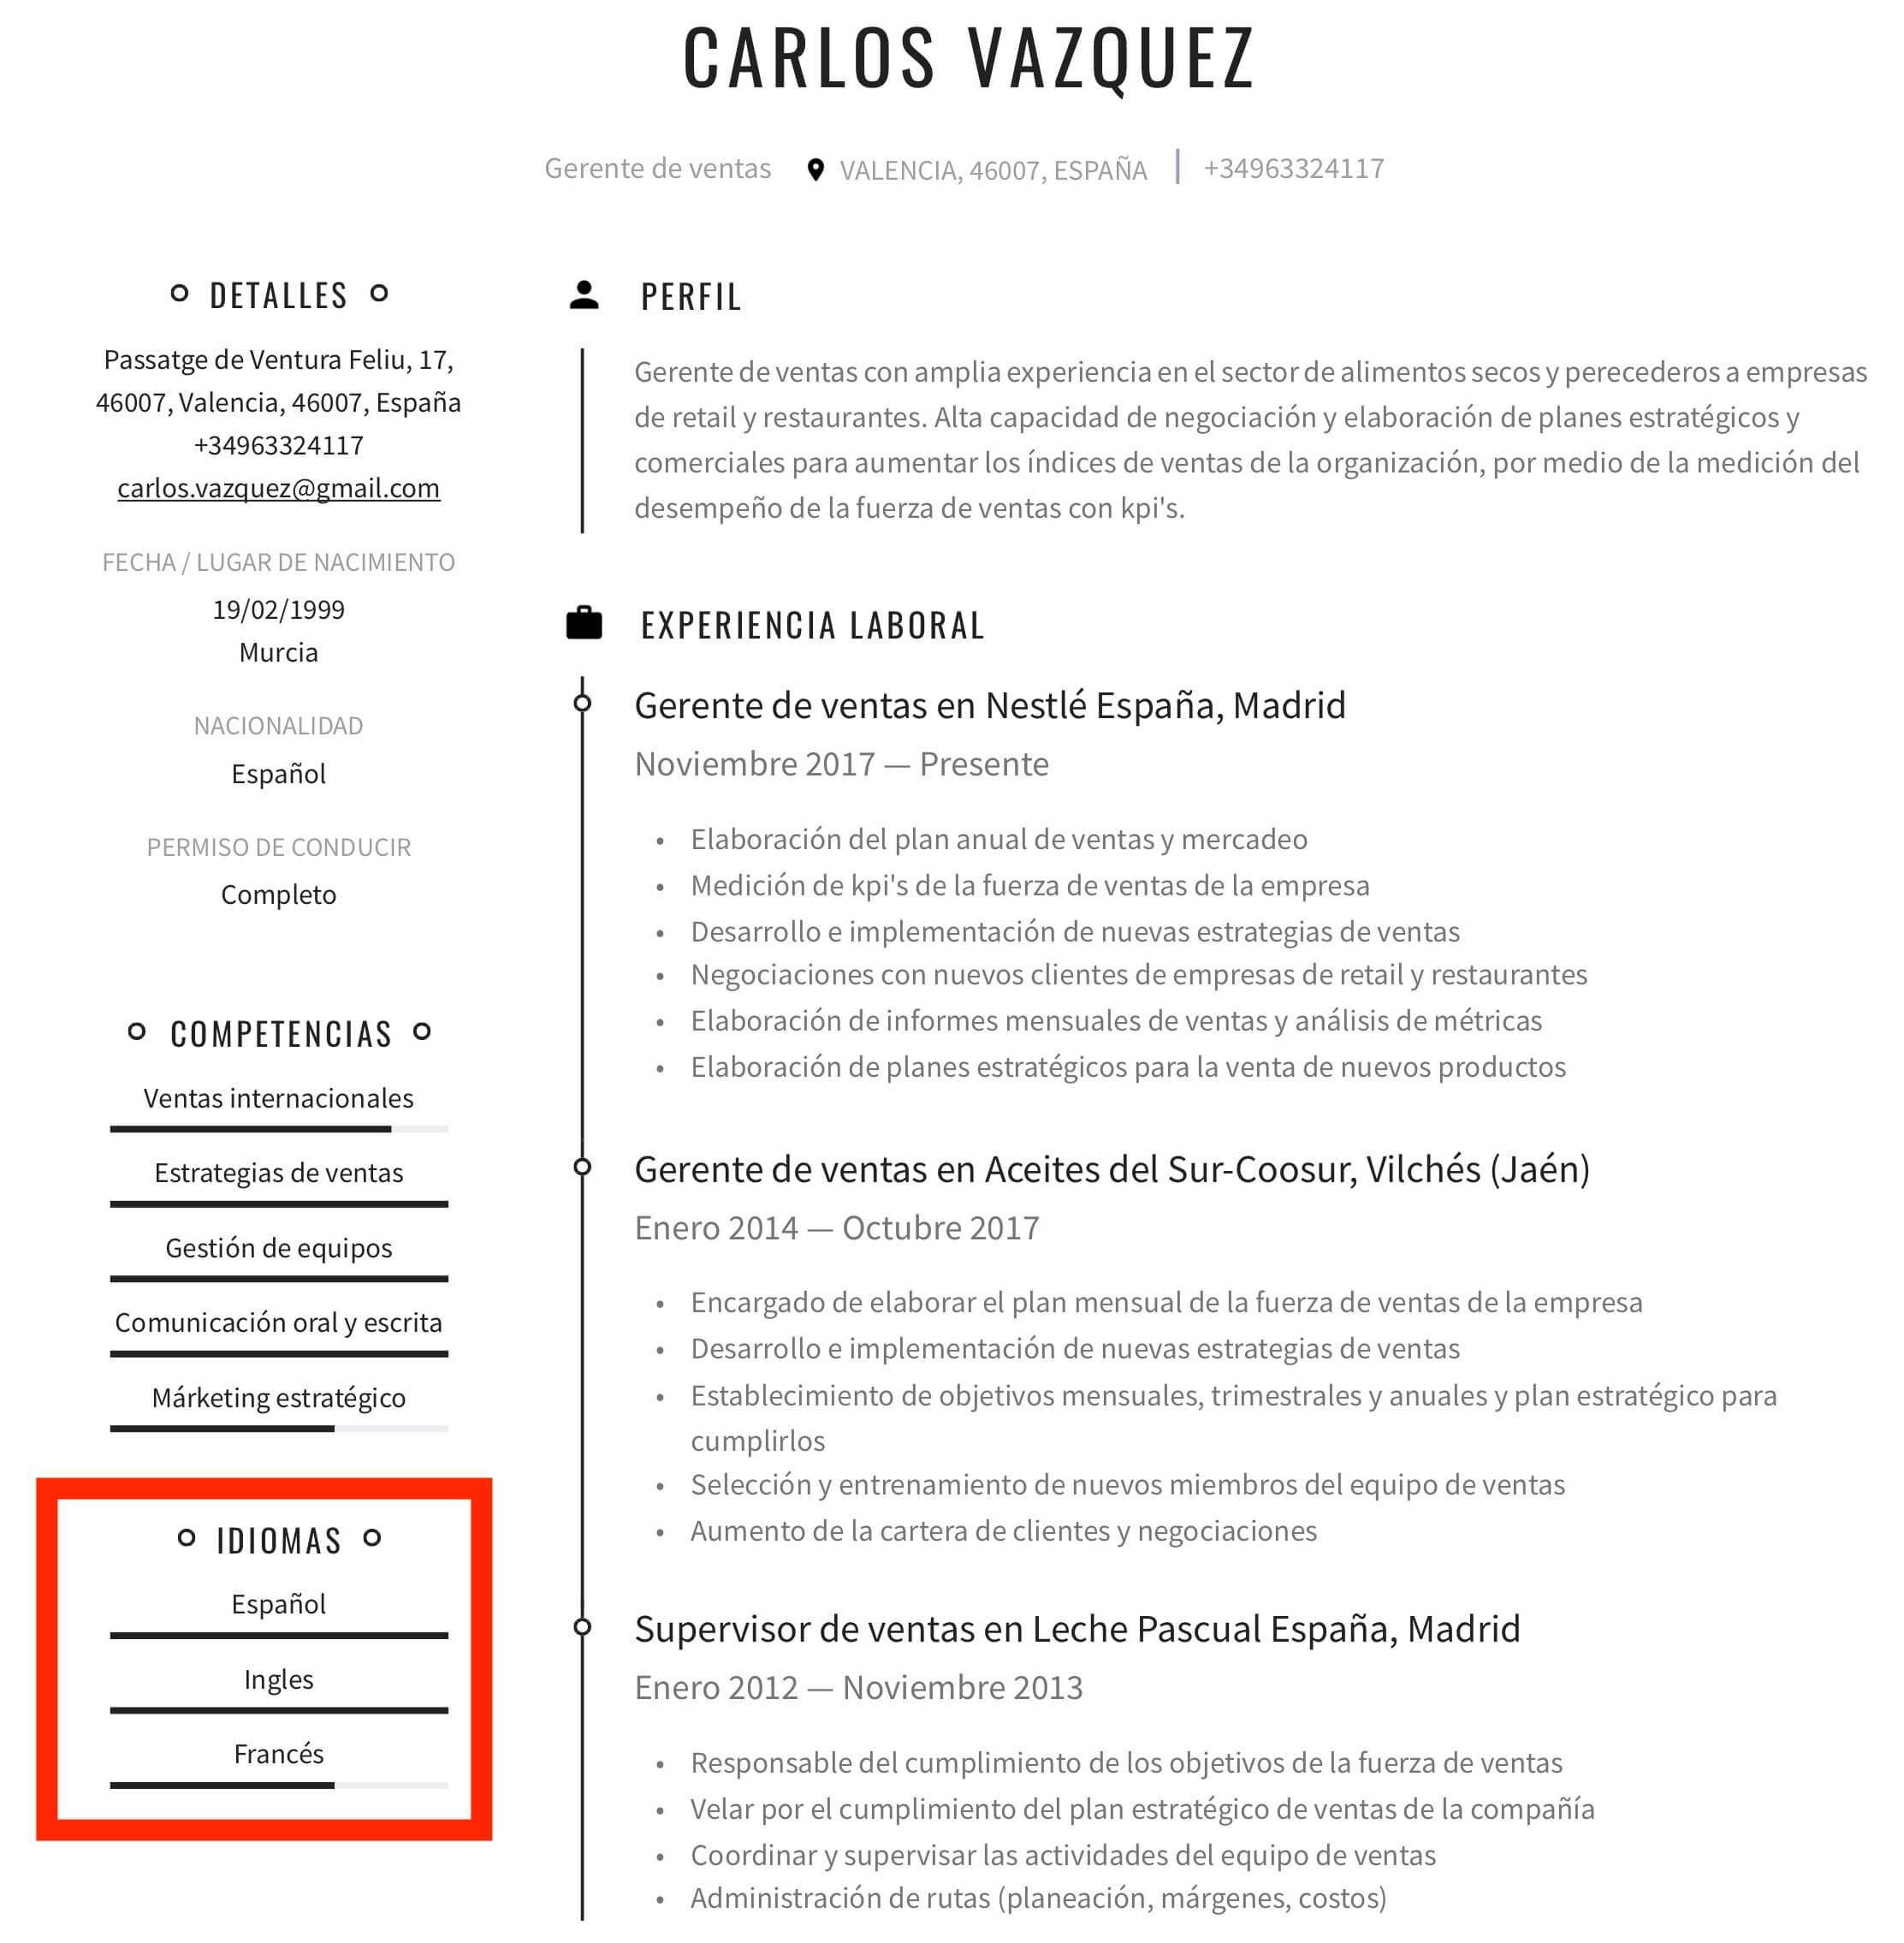 Nivel de idiomas en el CV